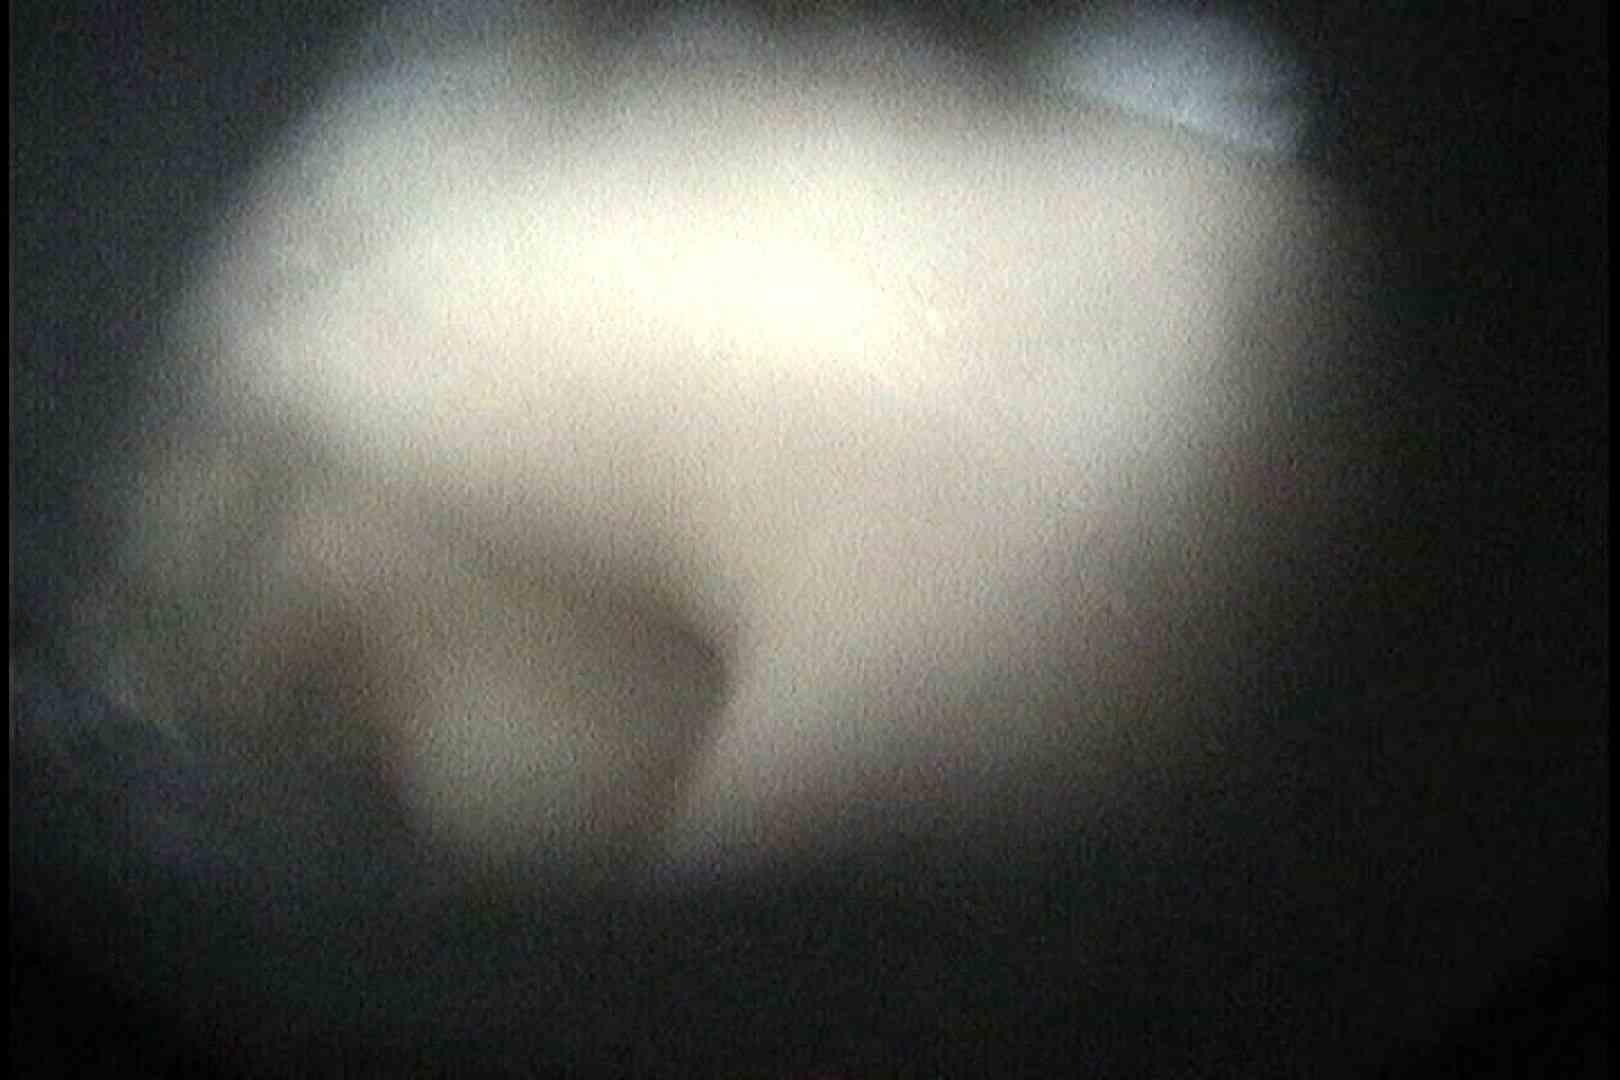 無修正エロ動画 No.18 小さい割にはたれ気味の乳房 怪盗ジョーカー